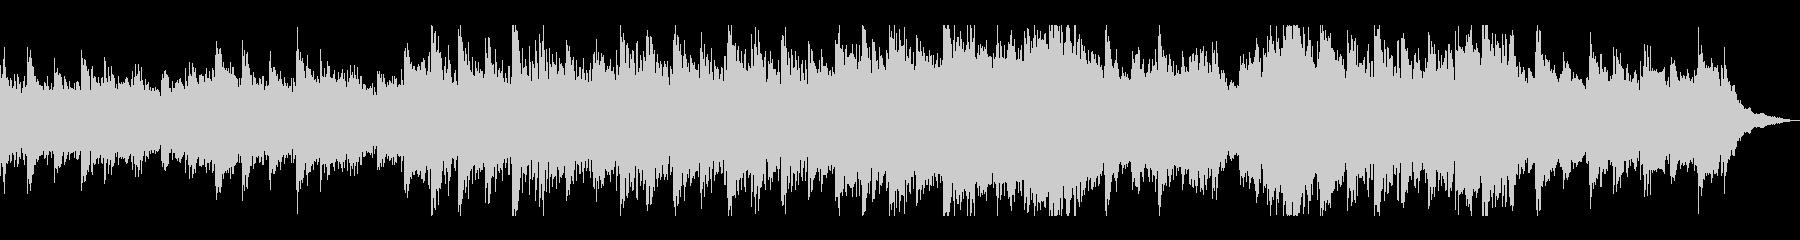 万能曲:シンプルでピアノが印象的の未再生の波形